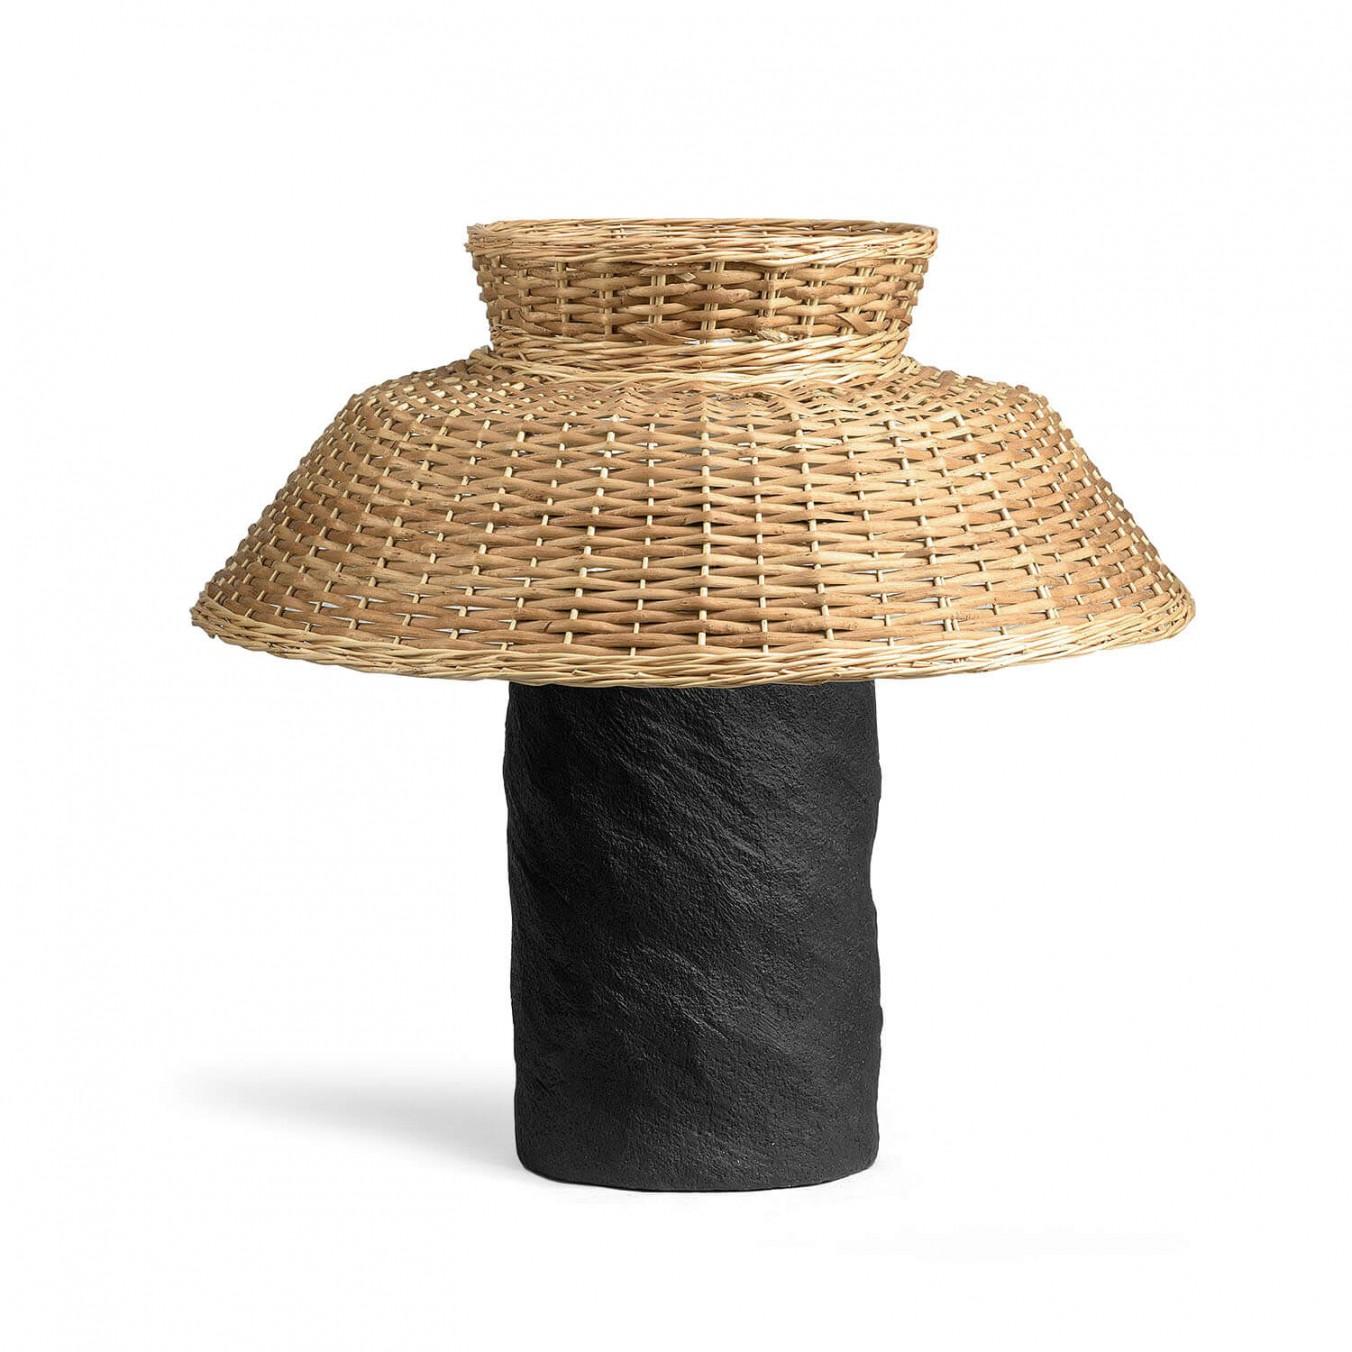 Strikha Table lamp